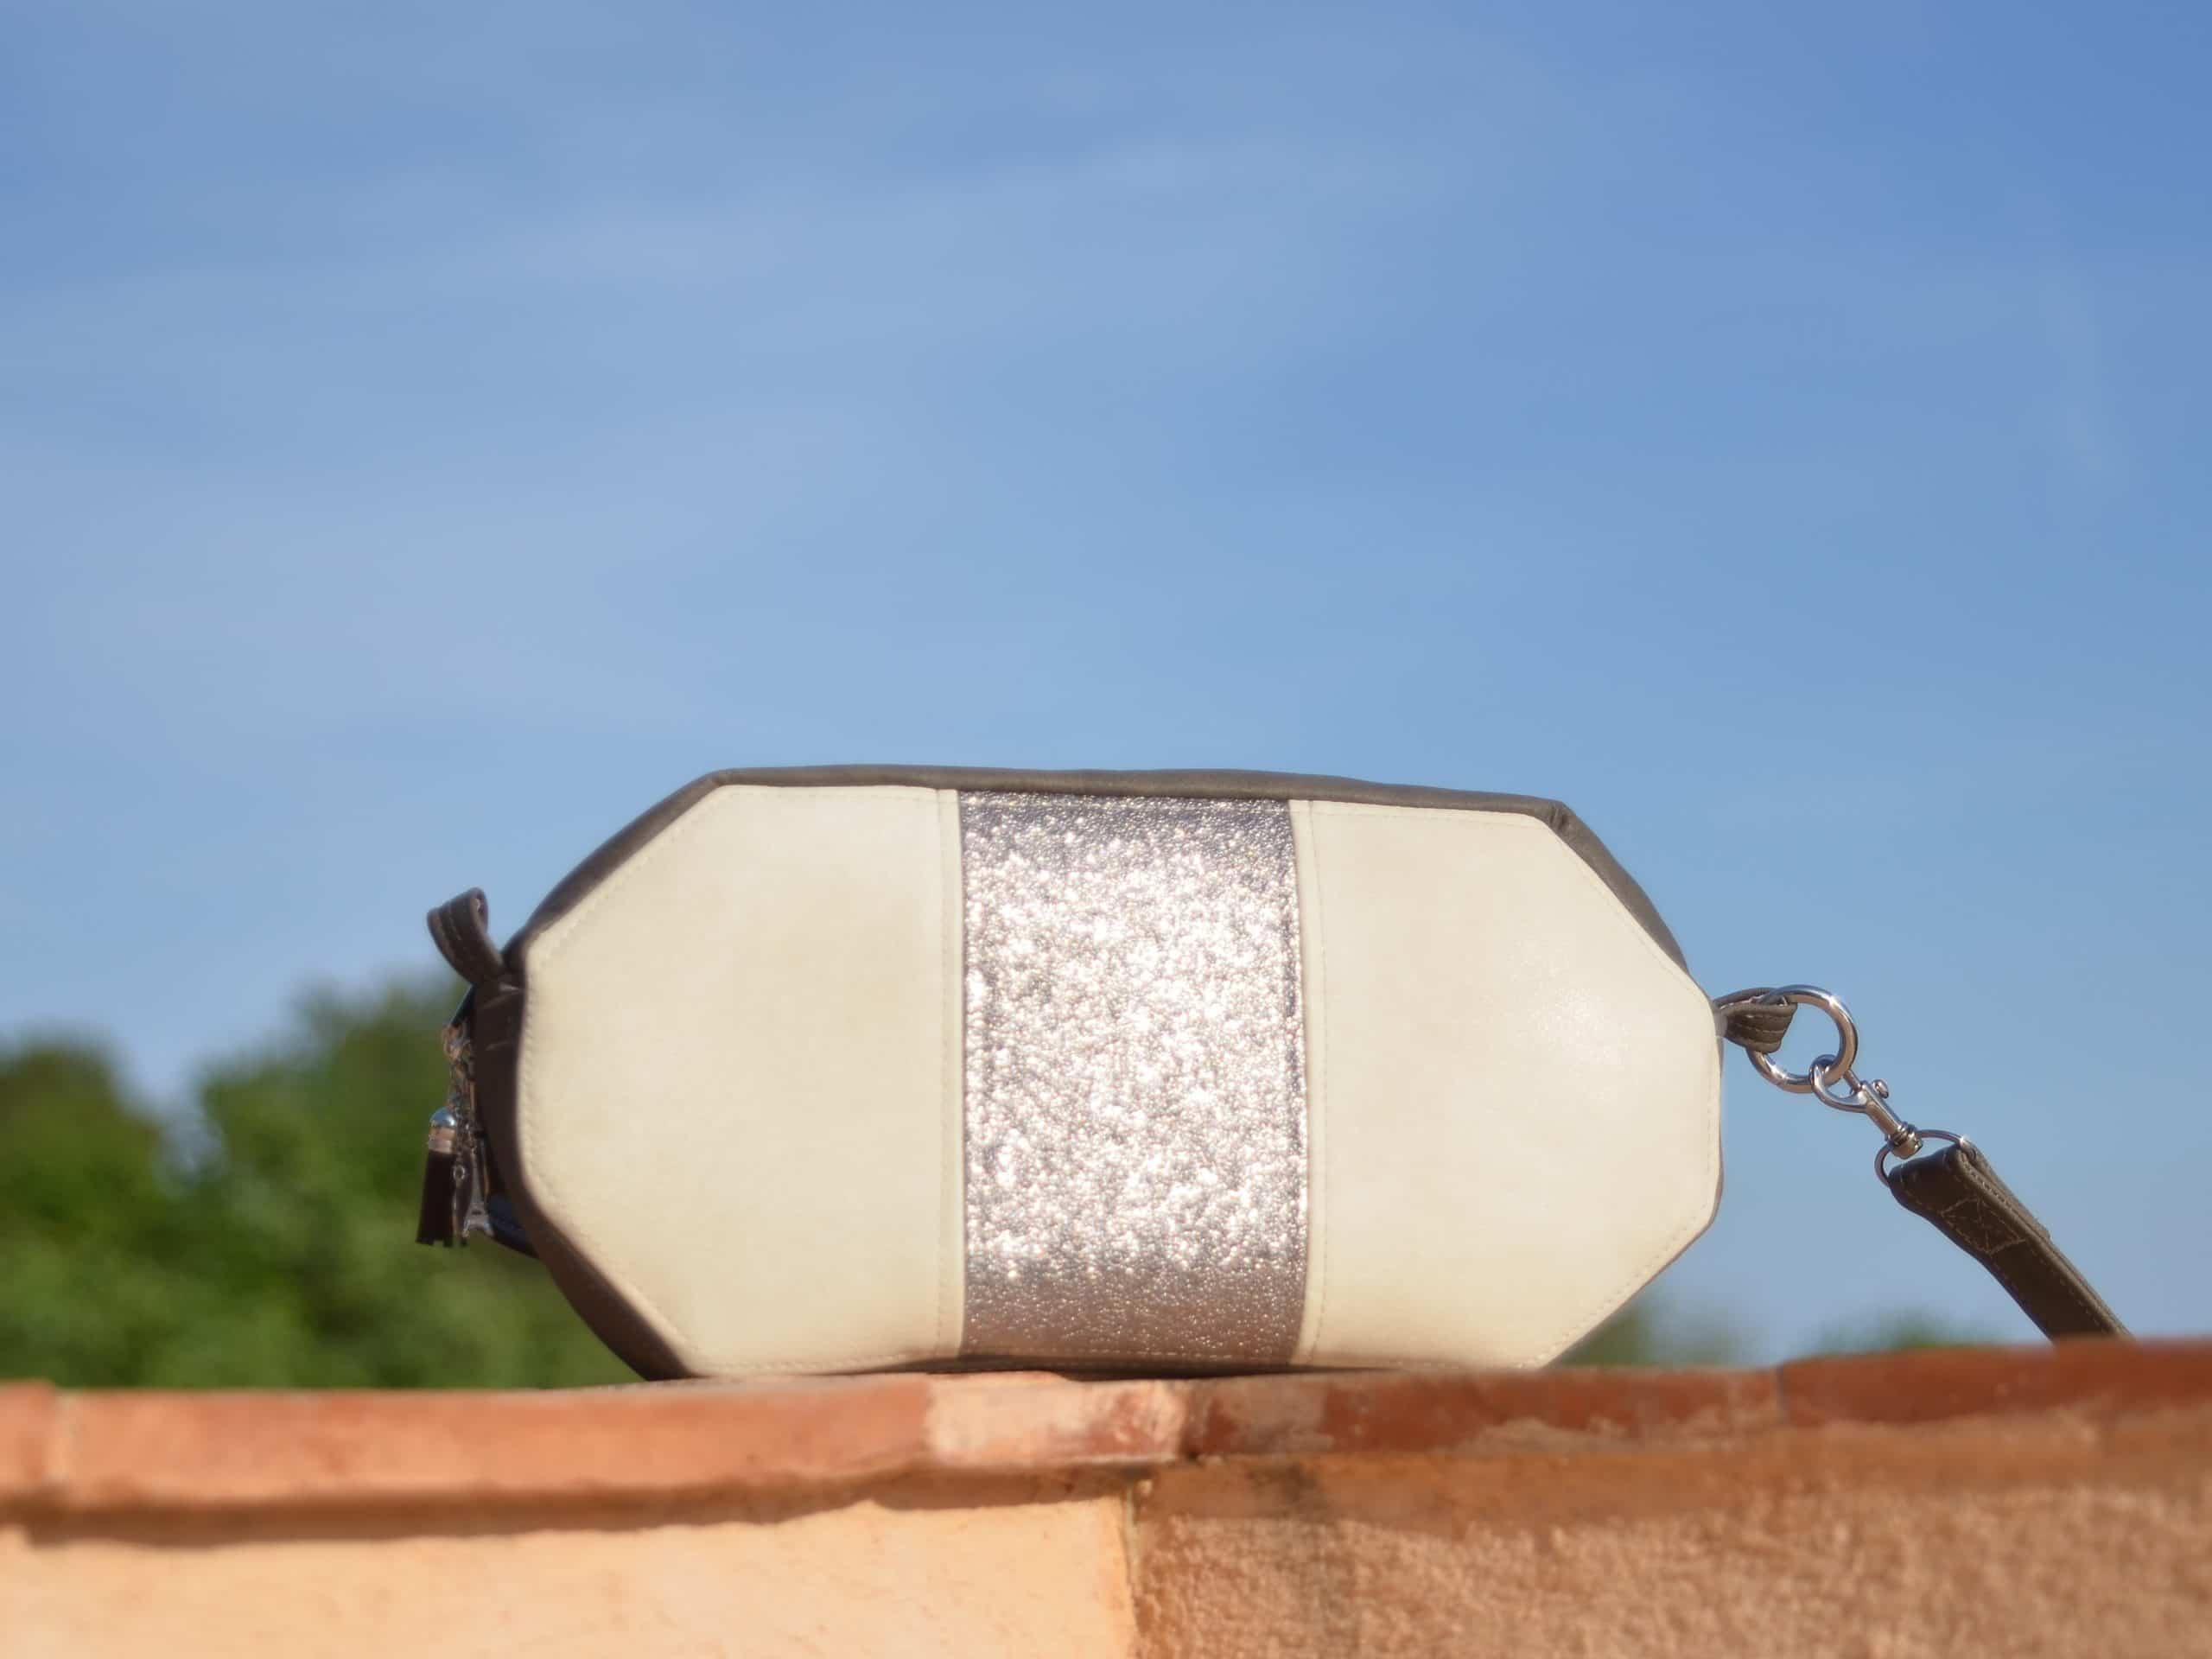 Sac de forme octogonale, blanc et taupe, posé sur le rebord du mur